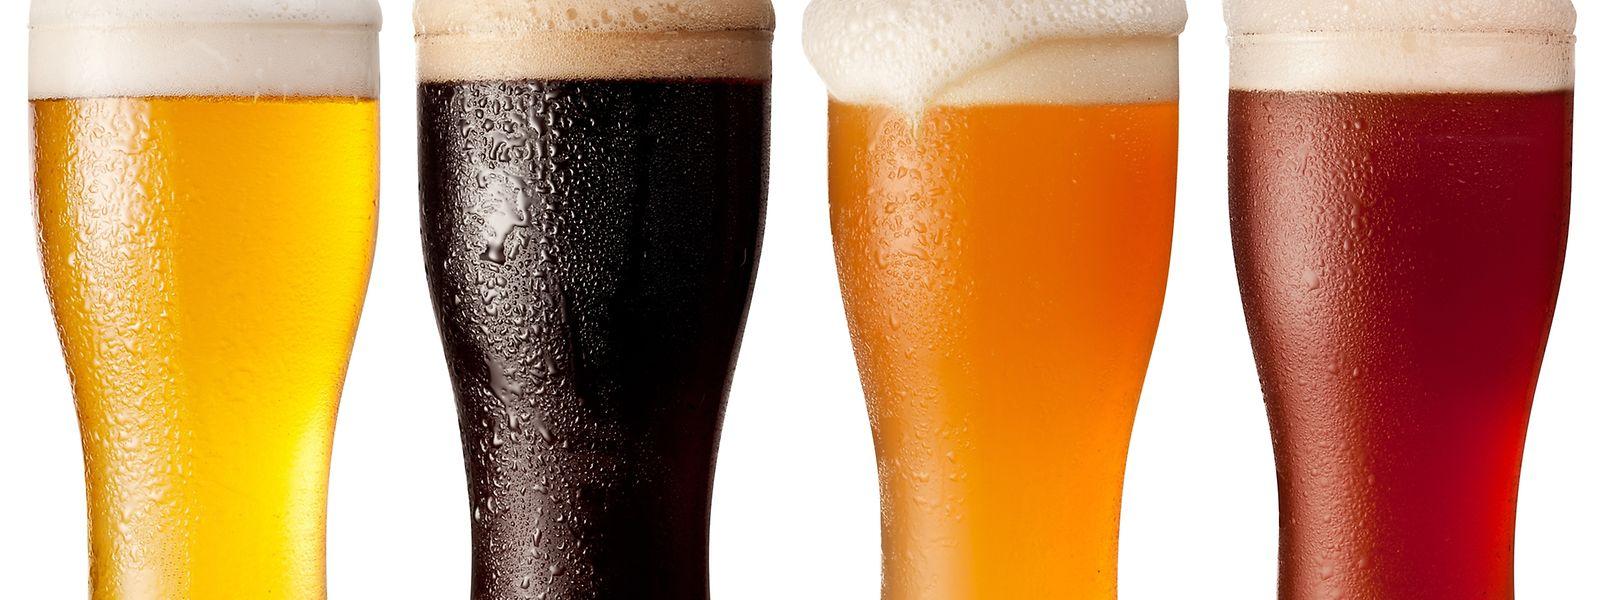 Mit Bier dürfen sich die Fußballprofis bei der EM nicht erfrischen